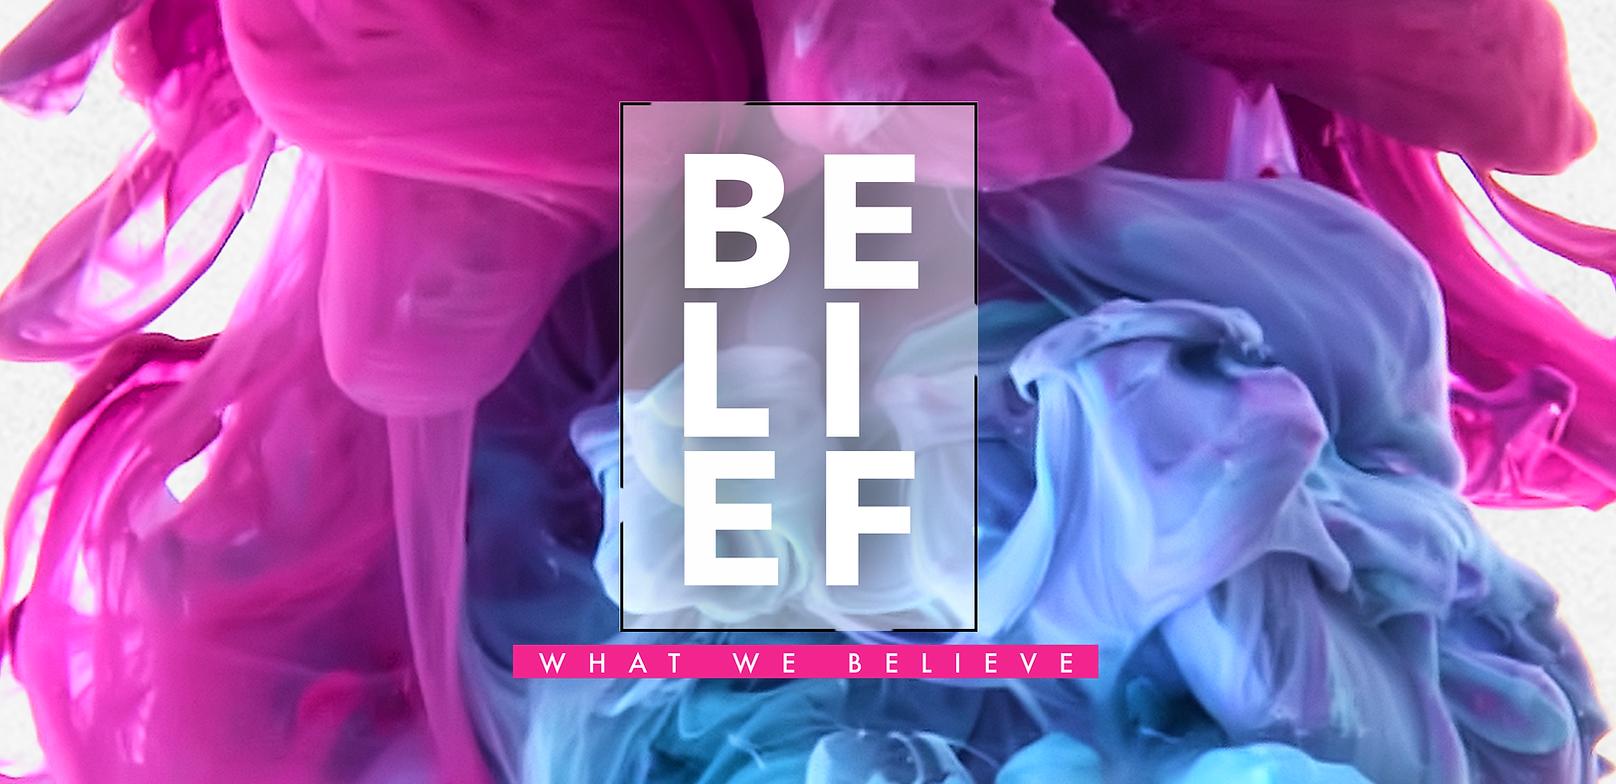 belief.png